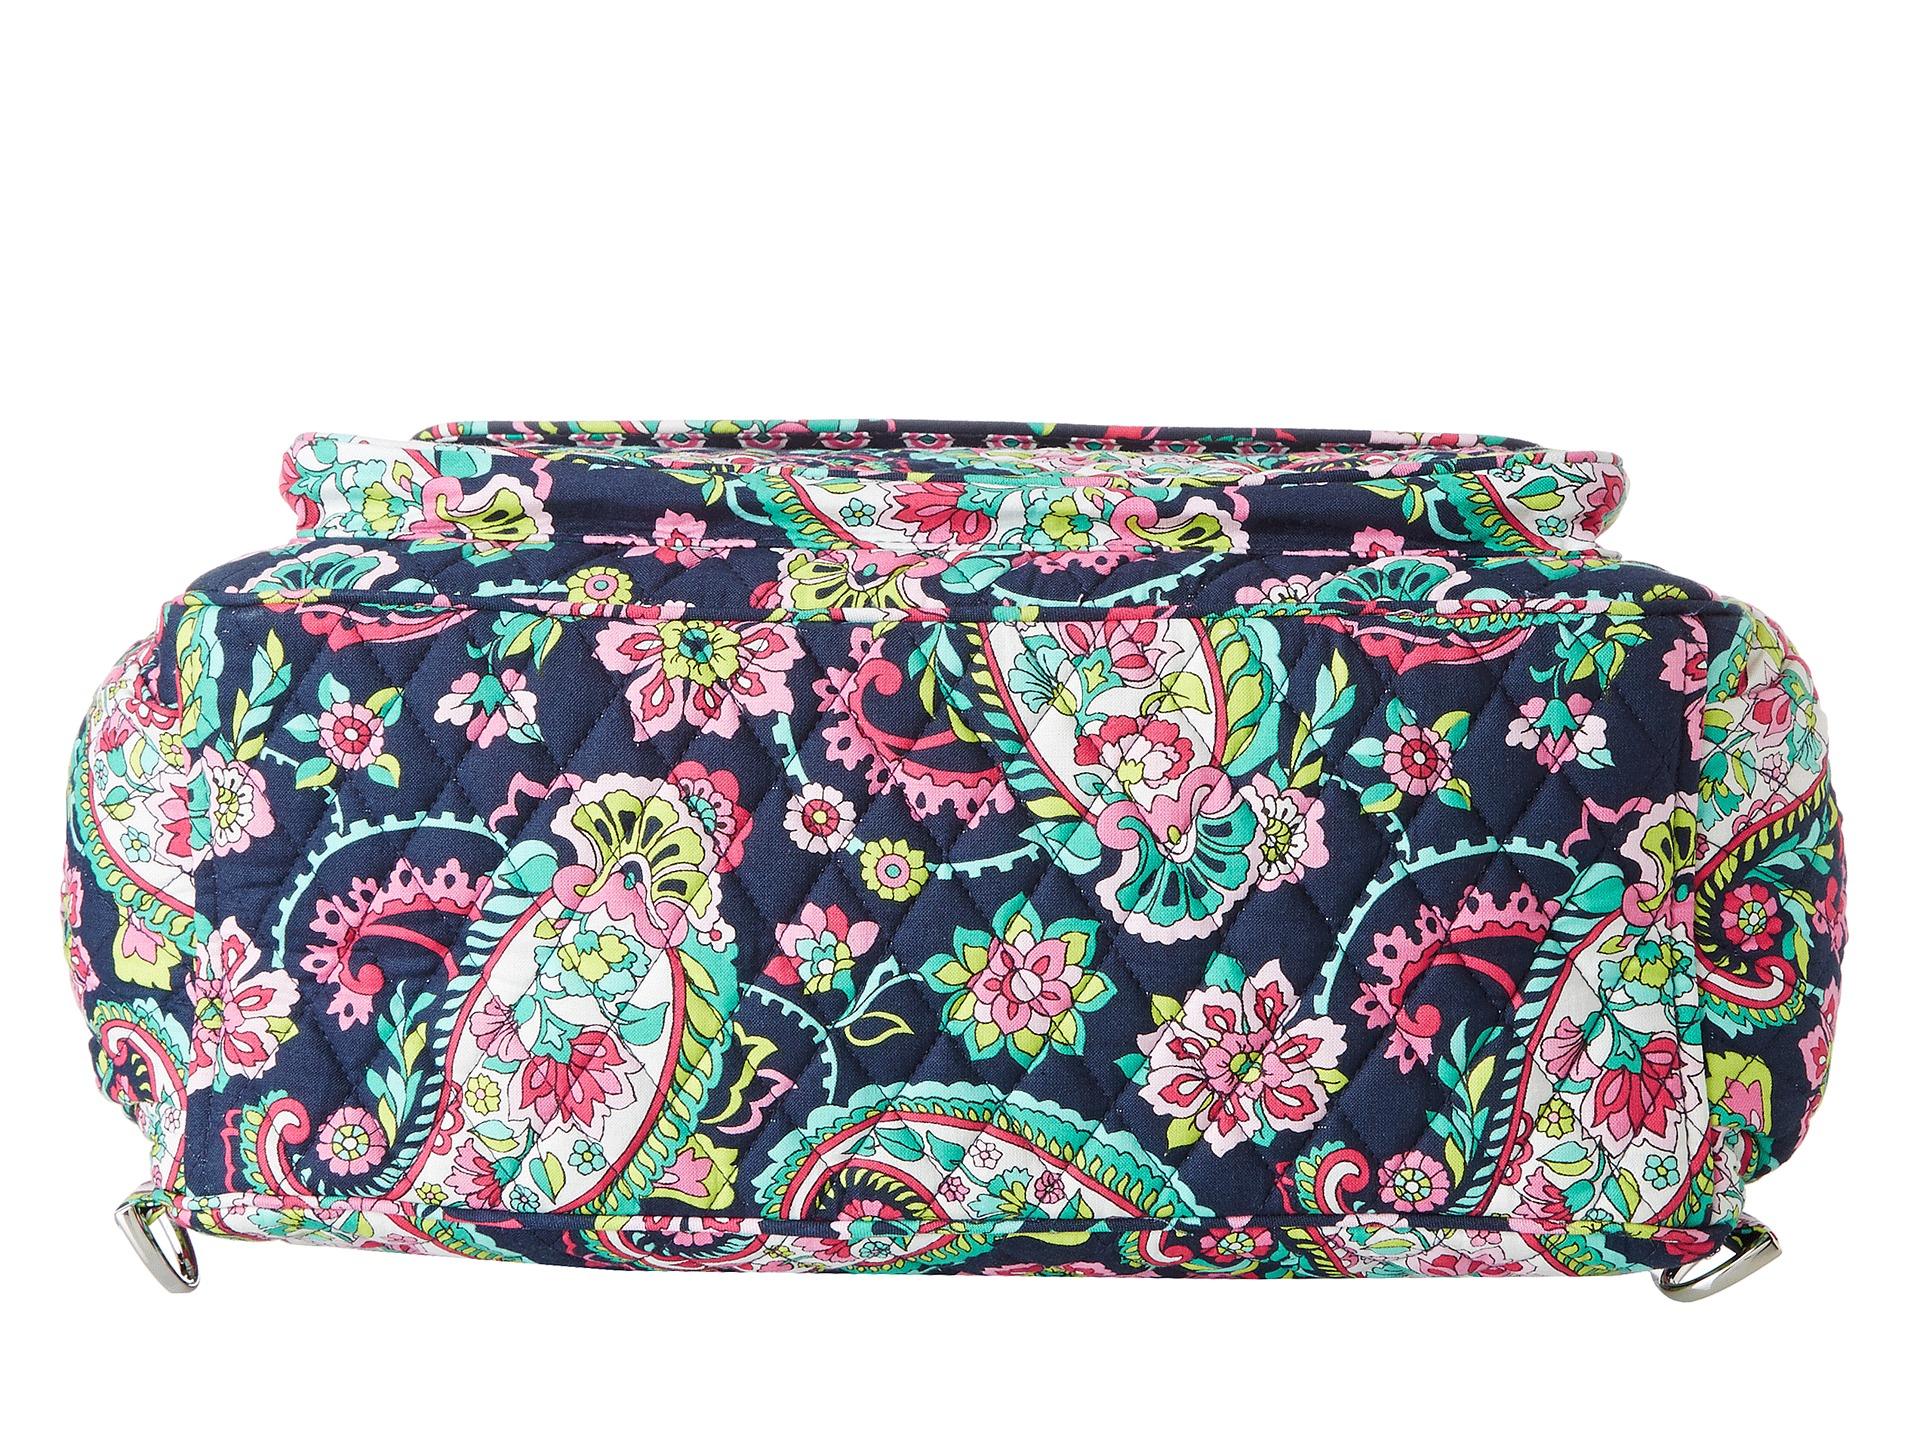 Vera Bradley Diaper Bag | eBay